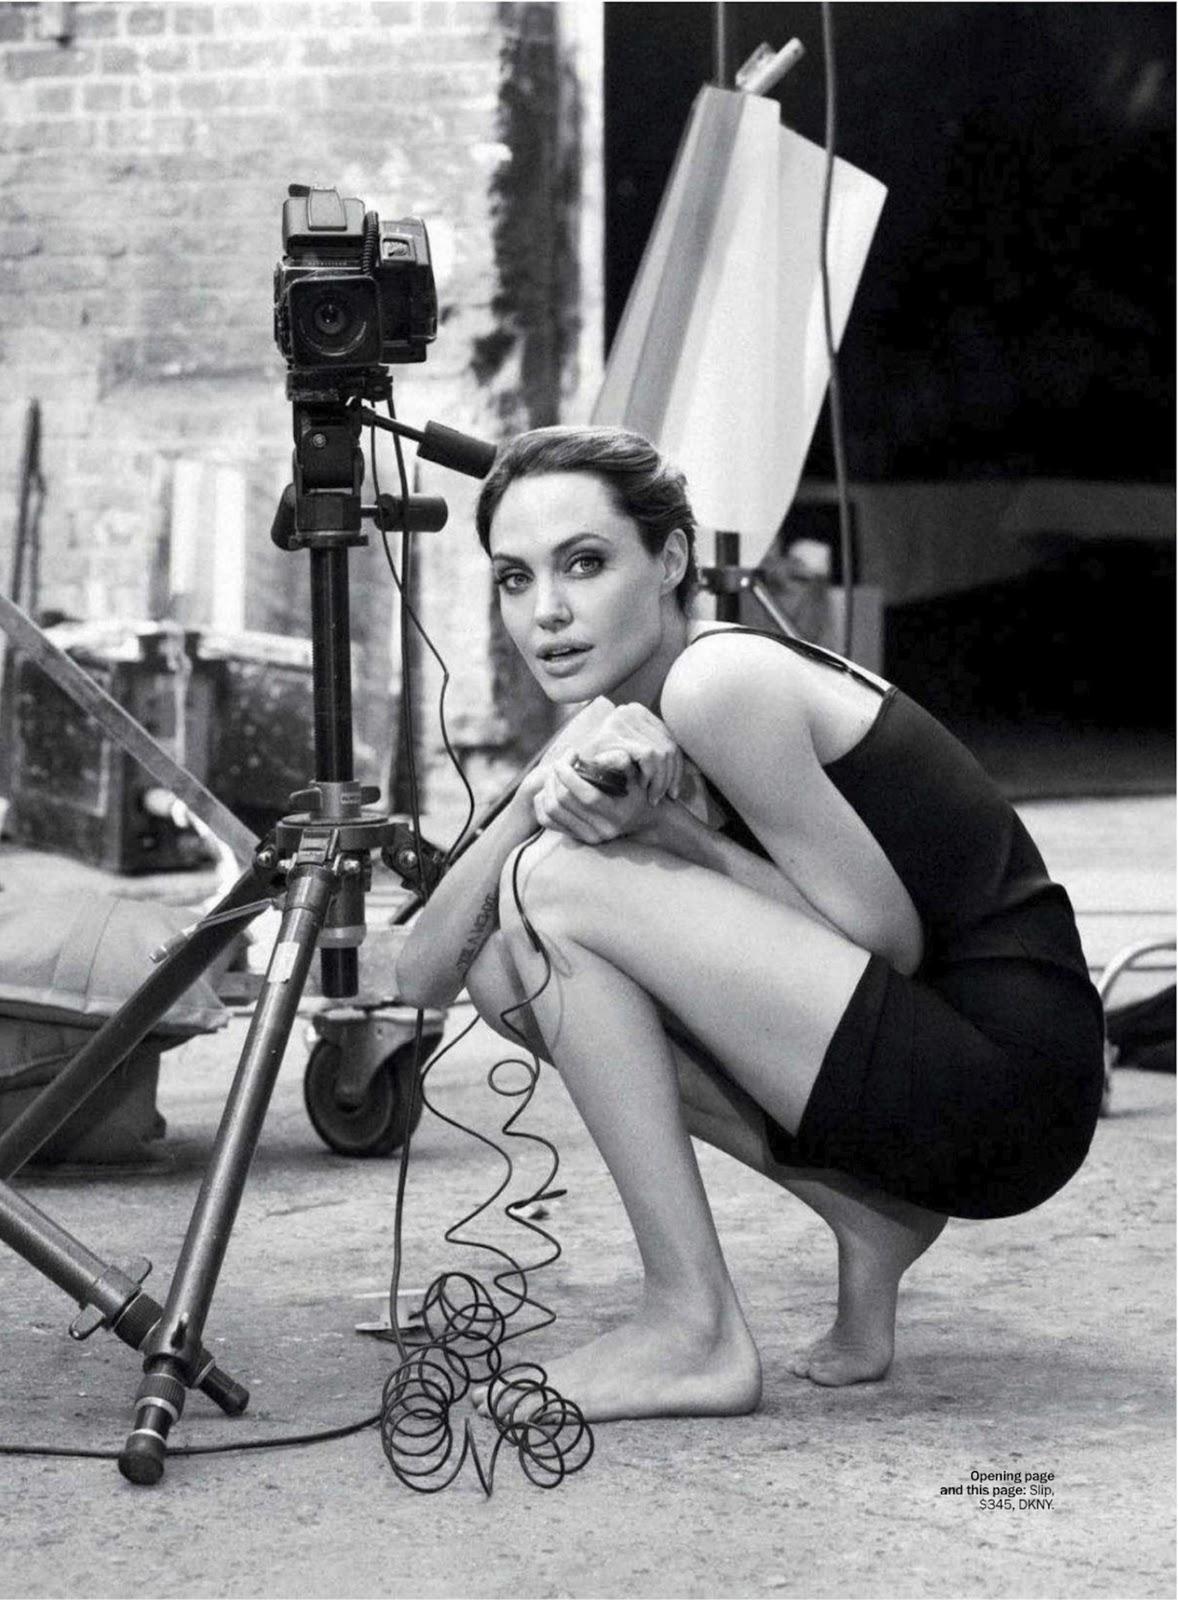 Hacked: Gia Marie Carangi Nude